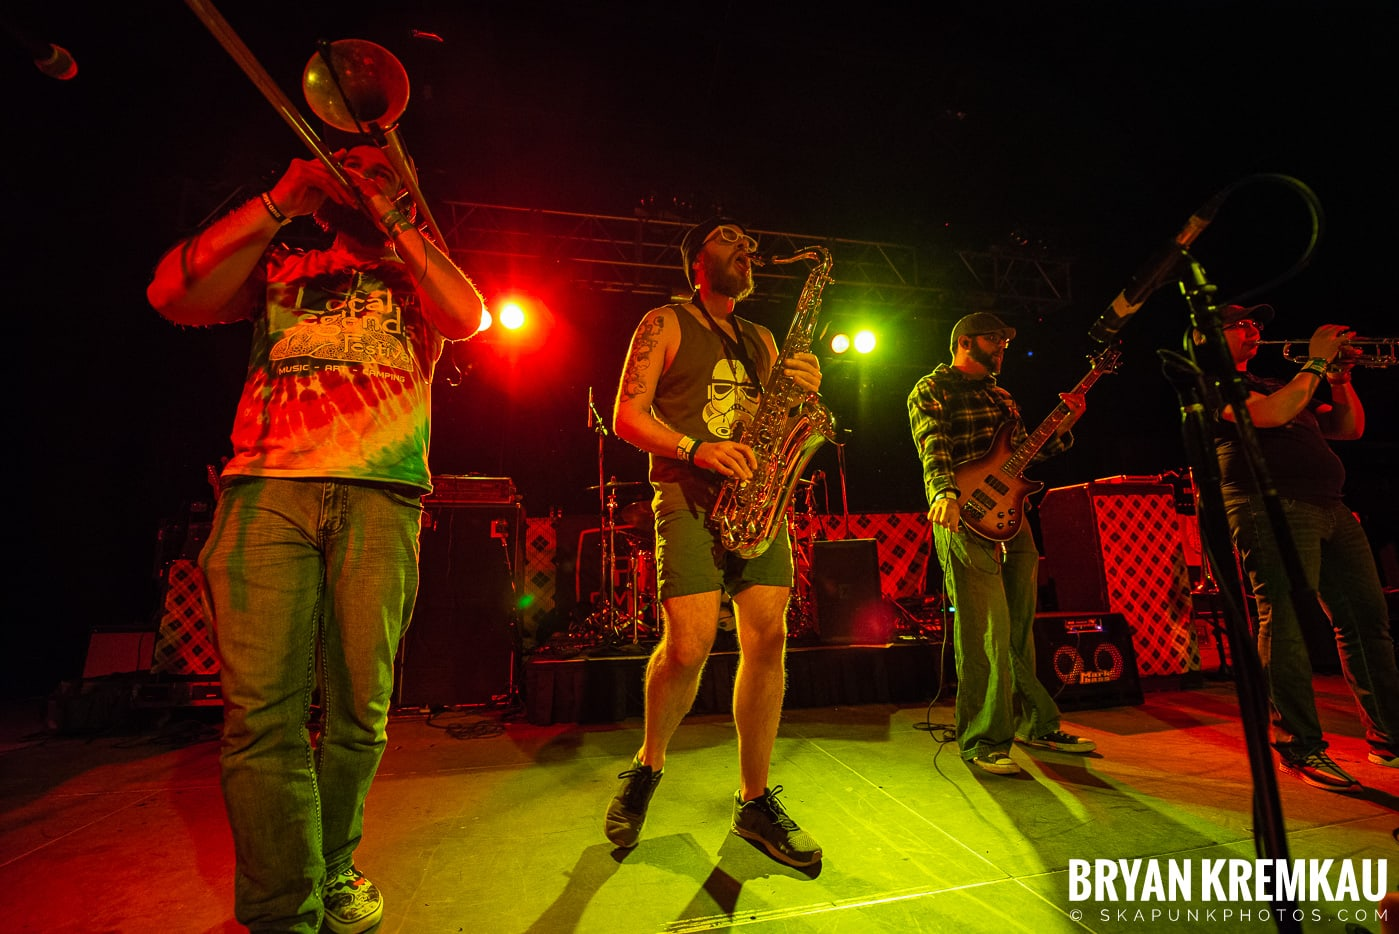 Backyard Superheroes @ Skanksgiving, Starland Ballroom, Sayreville, NJ - 11.30.19 (1)